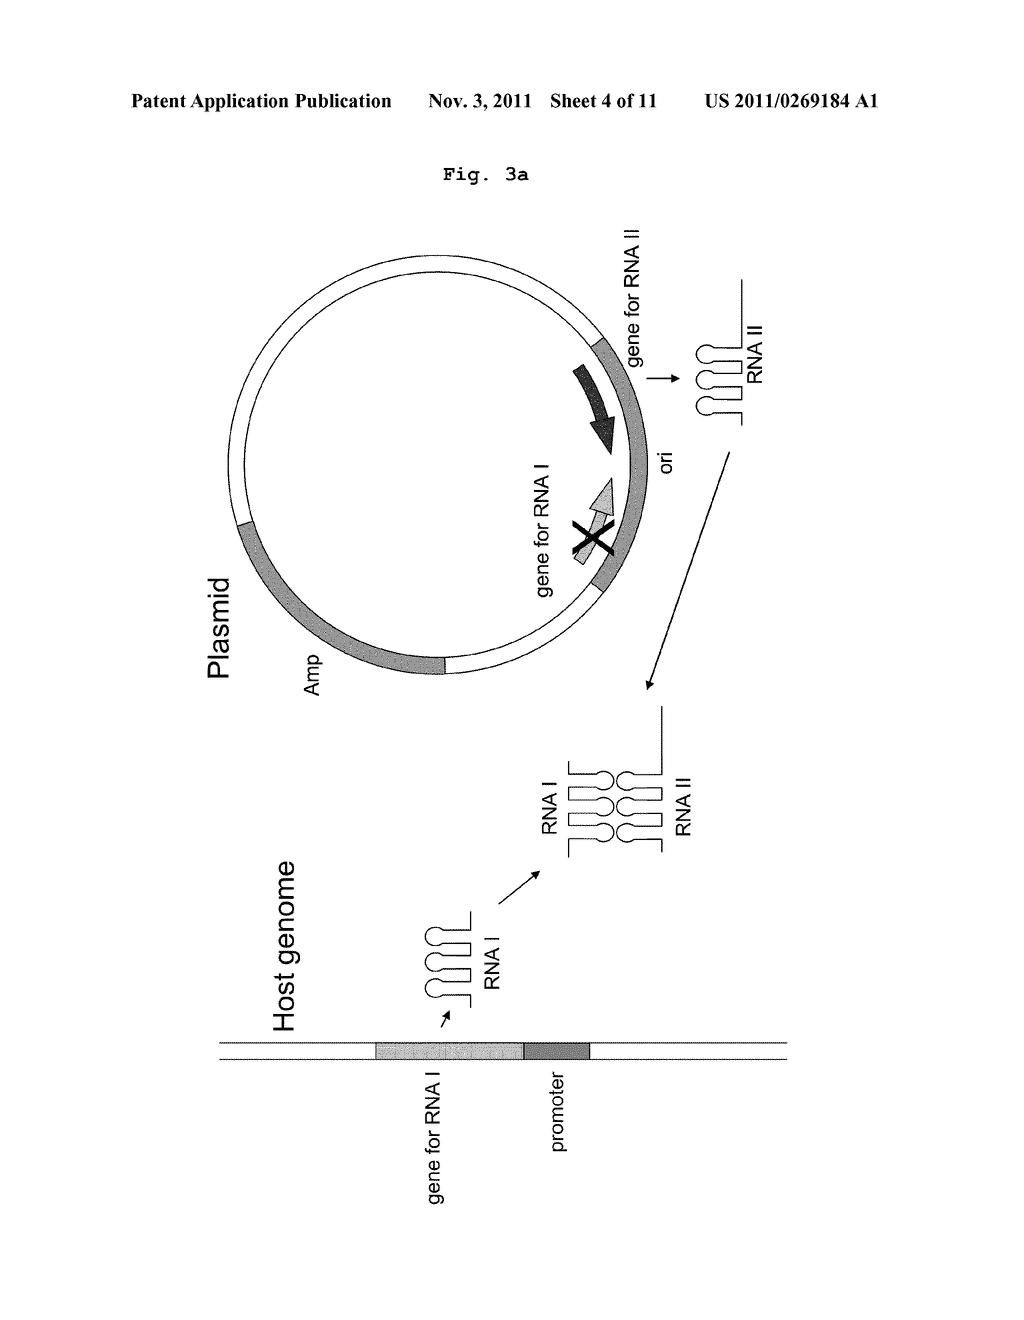 E Coli Diagram Plasmid IN E COLI - diagram